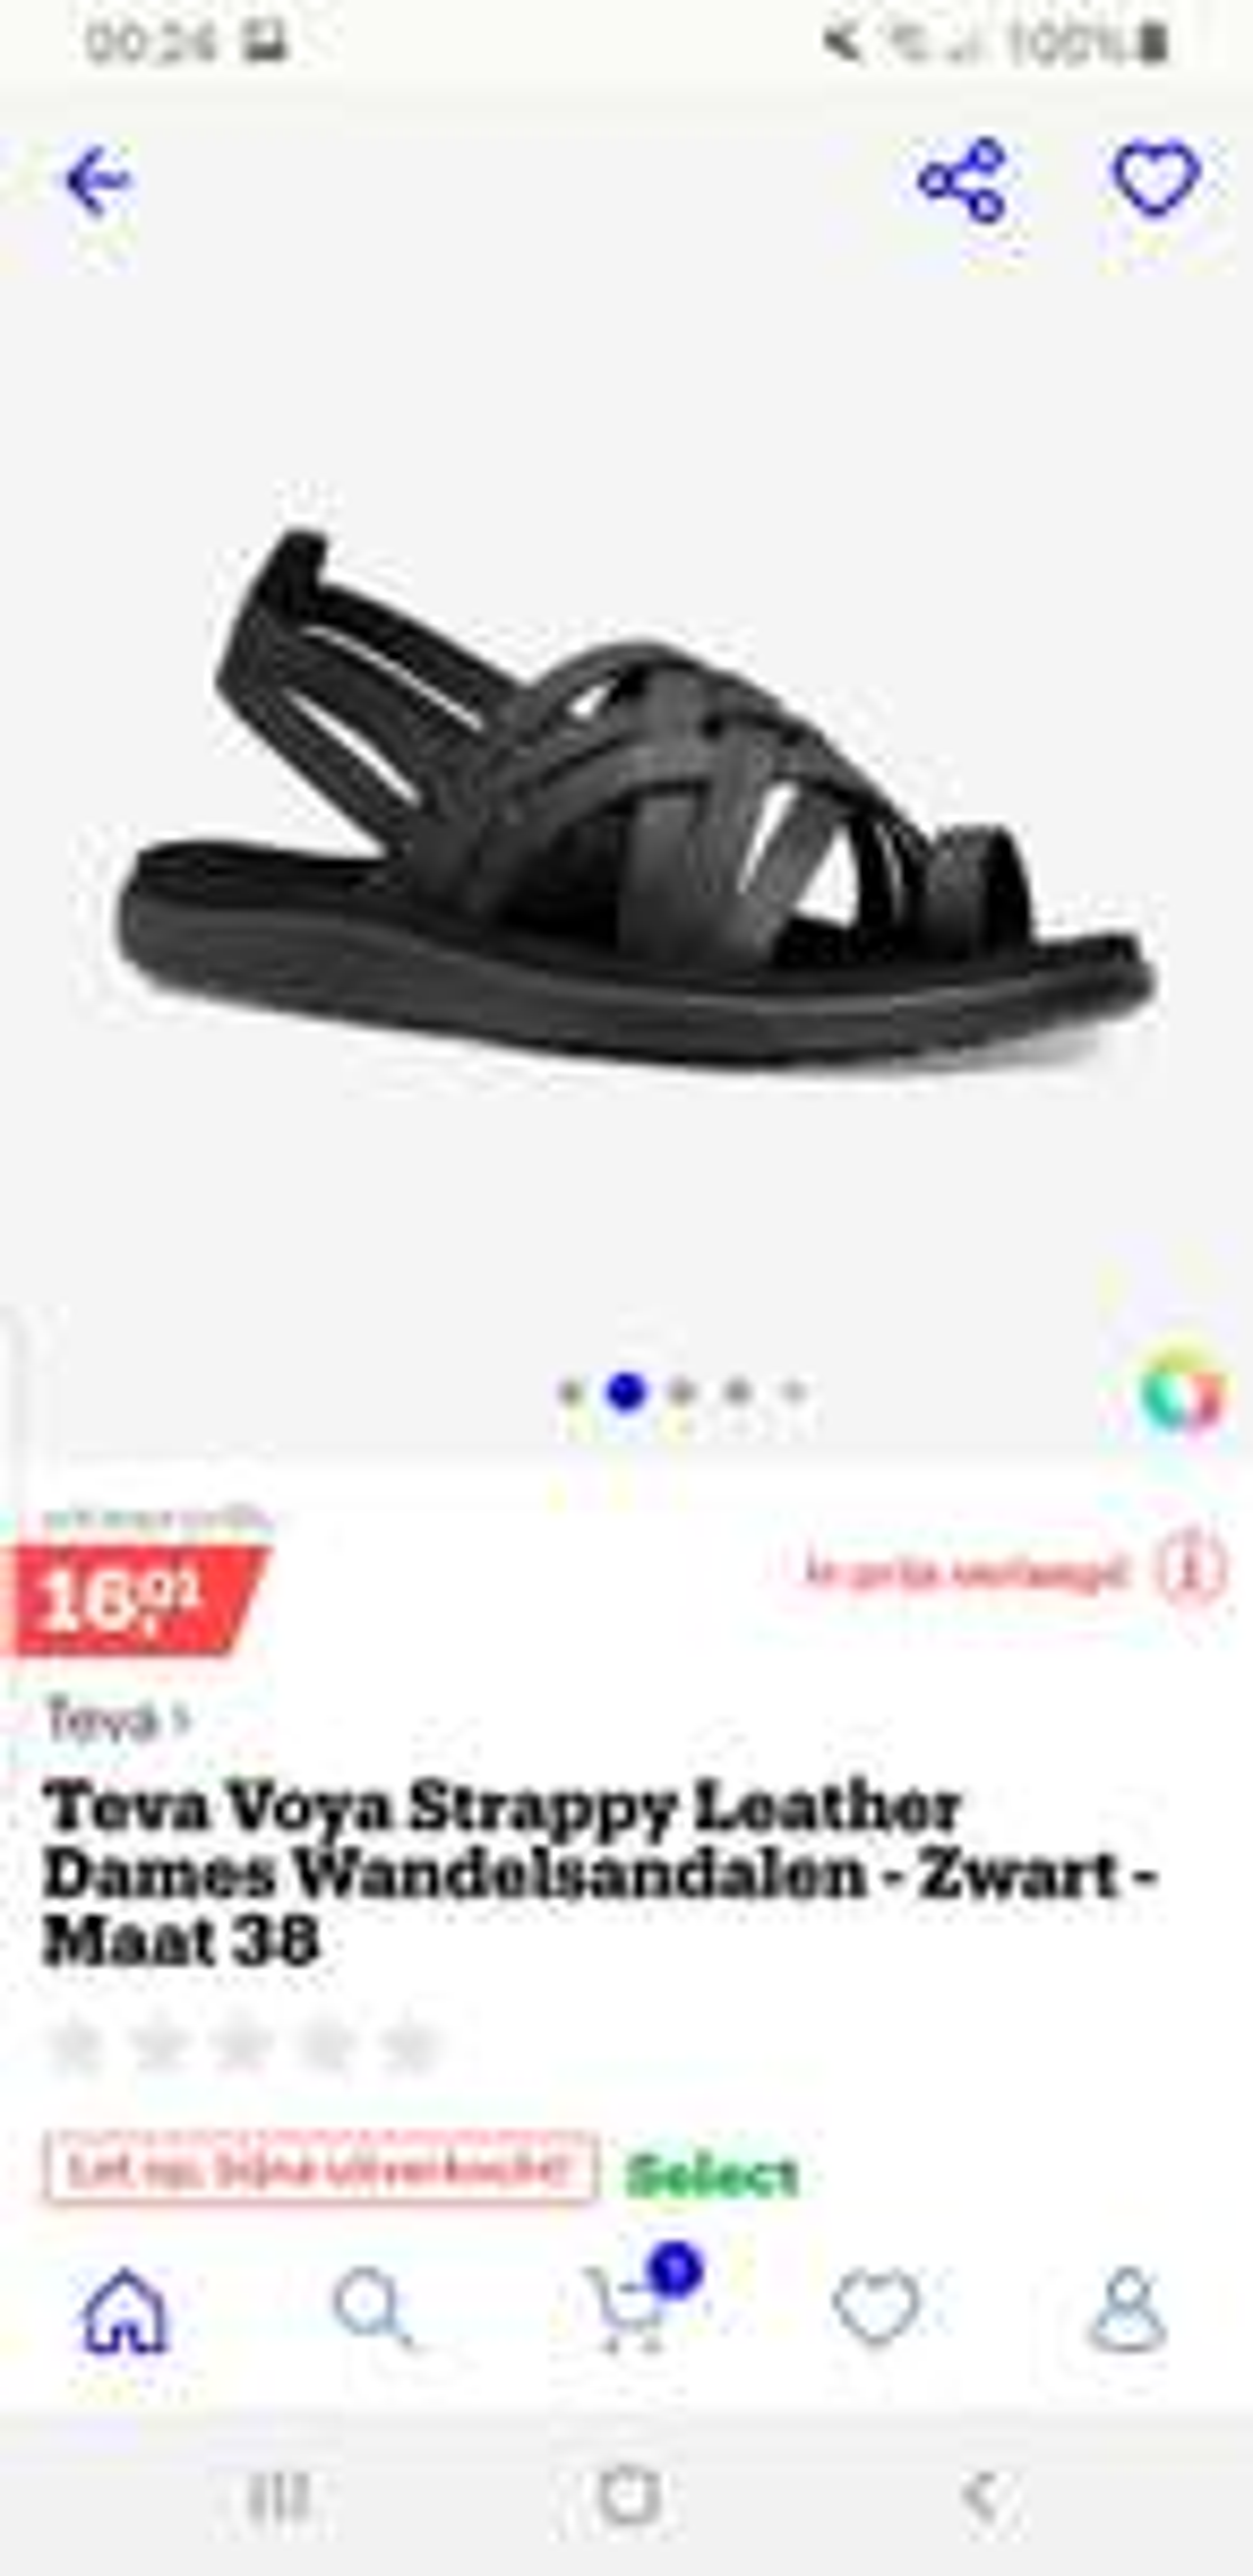 Teva Voya strappy maat 38 leren dames wandel sandalen